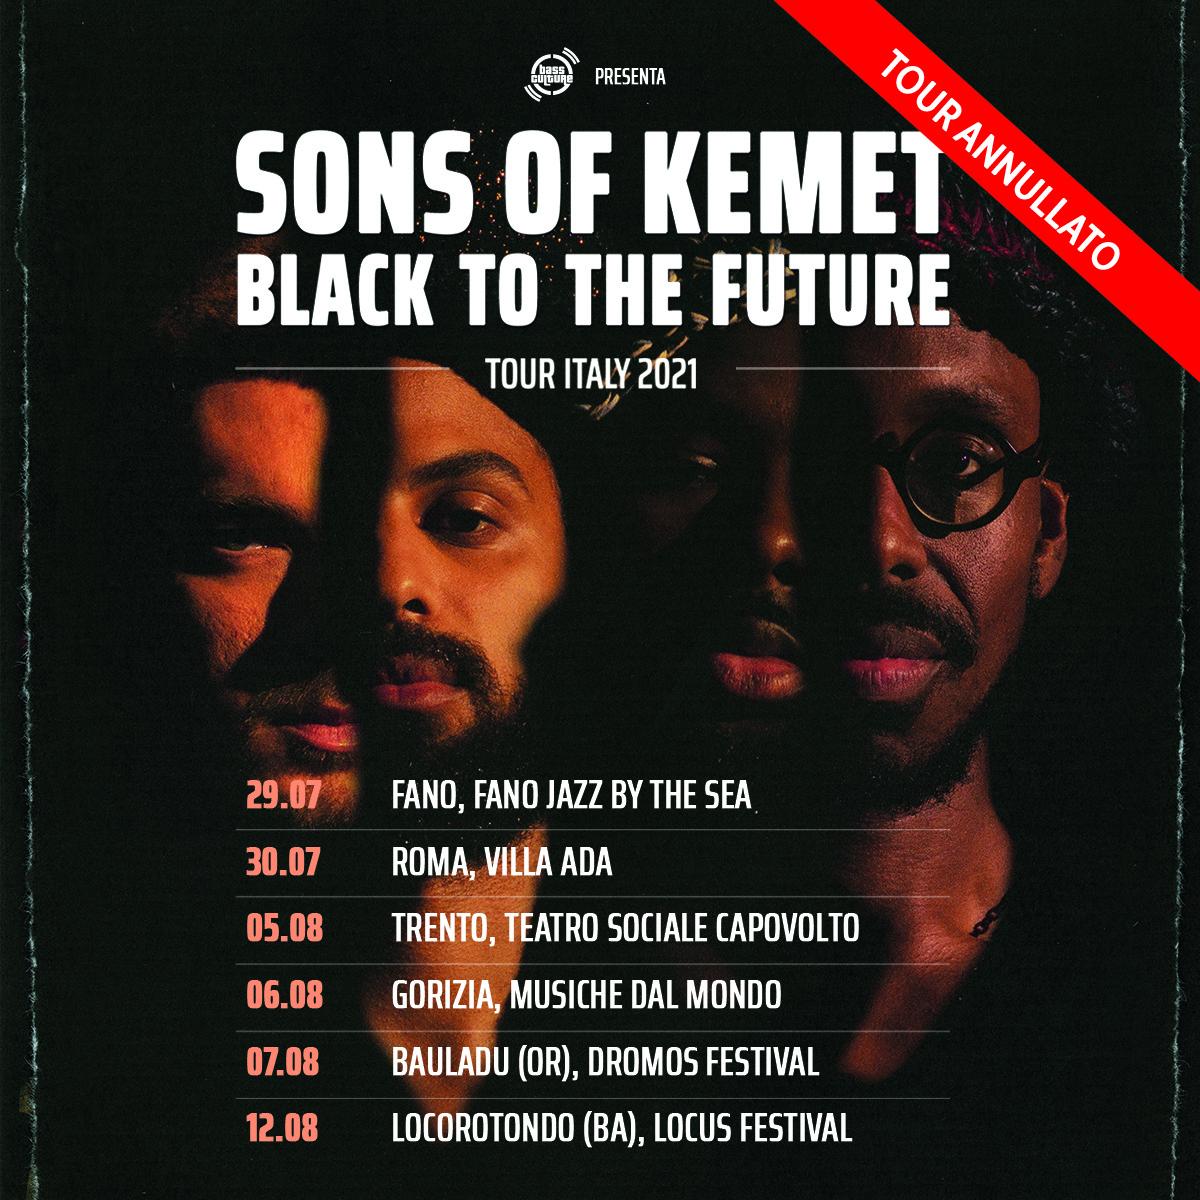 Cancellato lo show di Sons of Kemet al Locus, insieme a tutte le date italiane della band